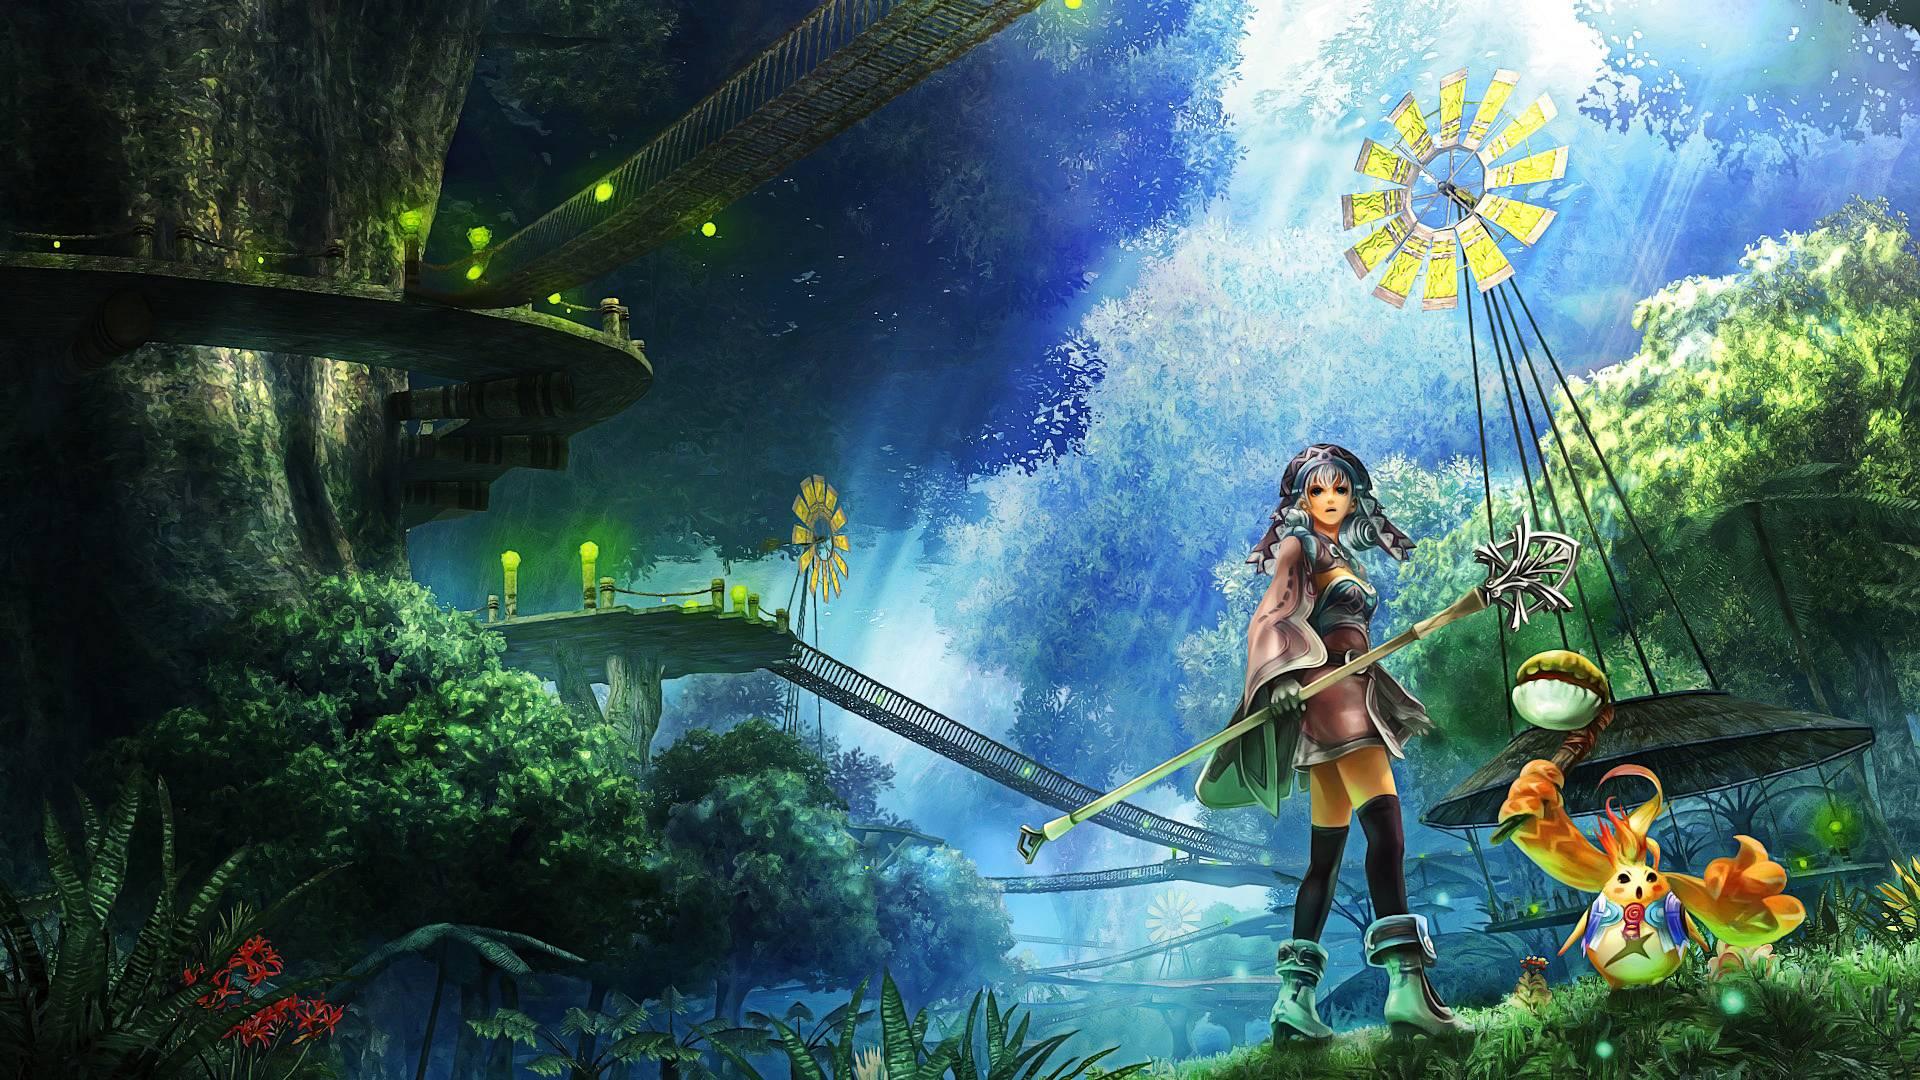 Anime Forest wallpaper   Anime Manga Wallpaper 1920x1080